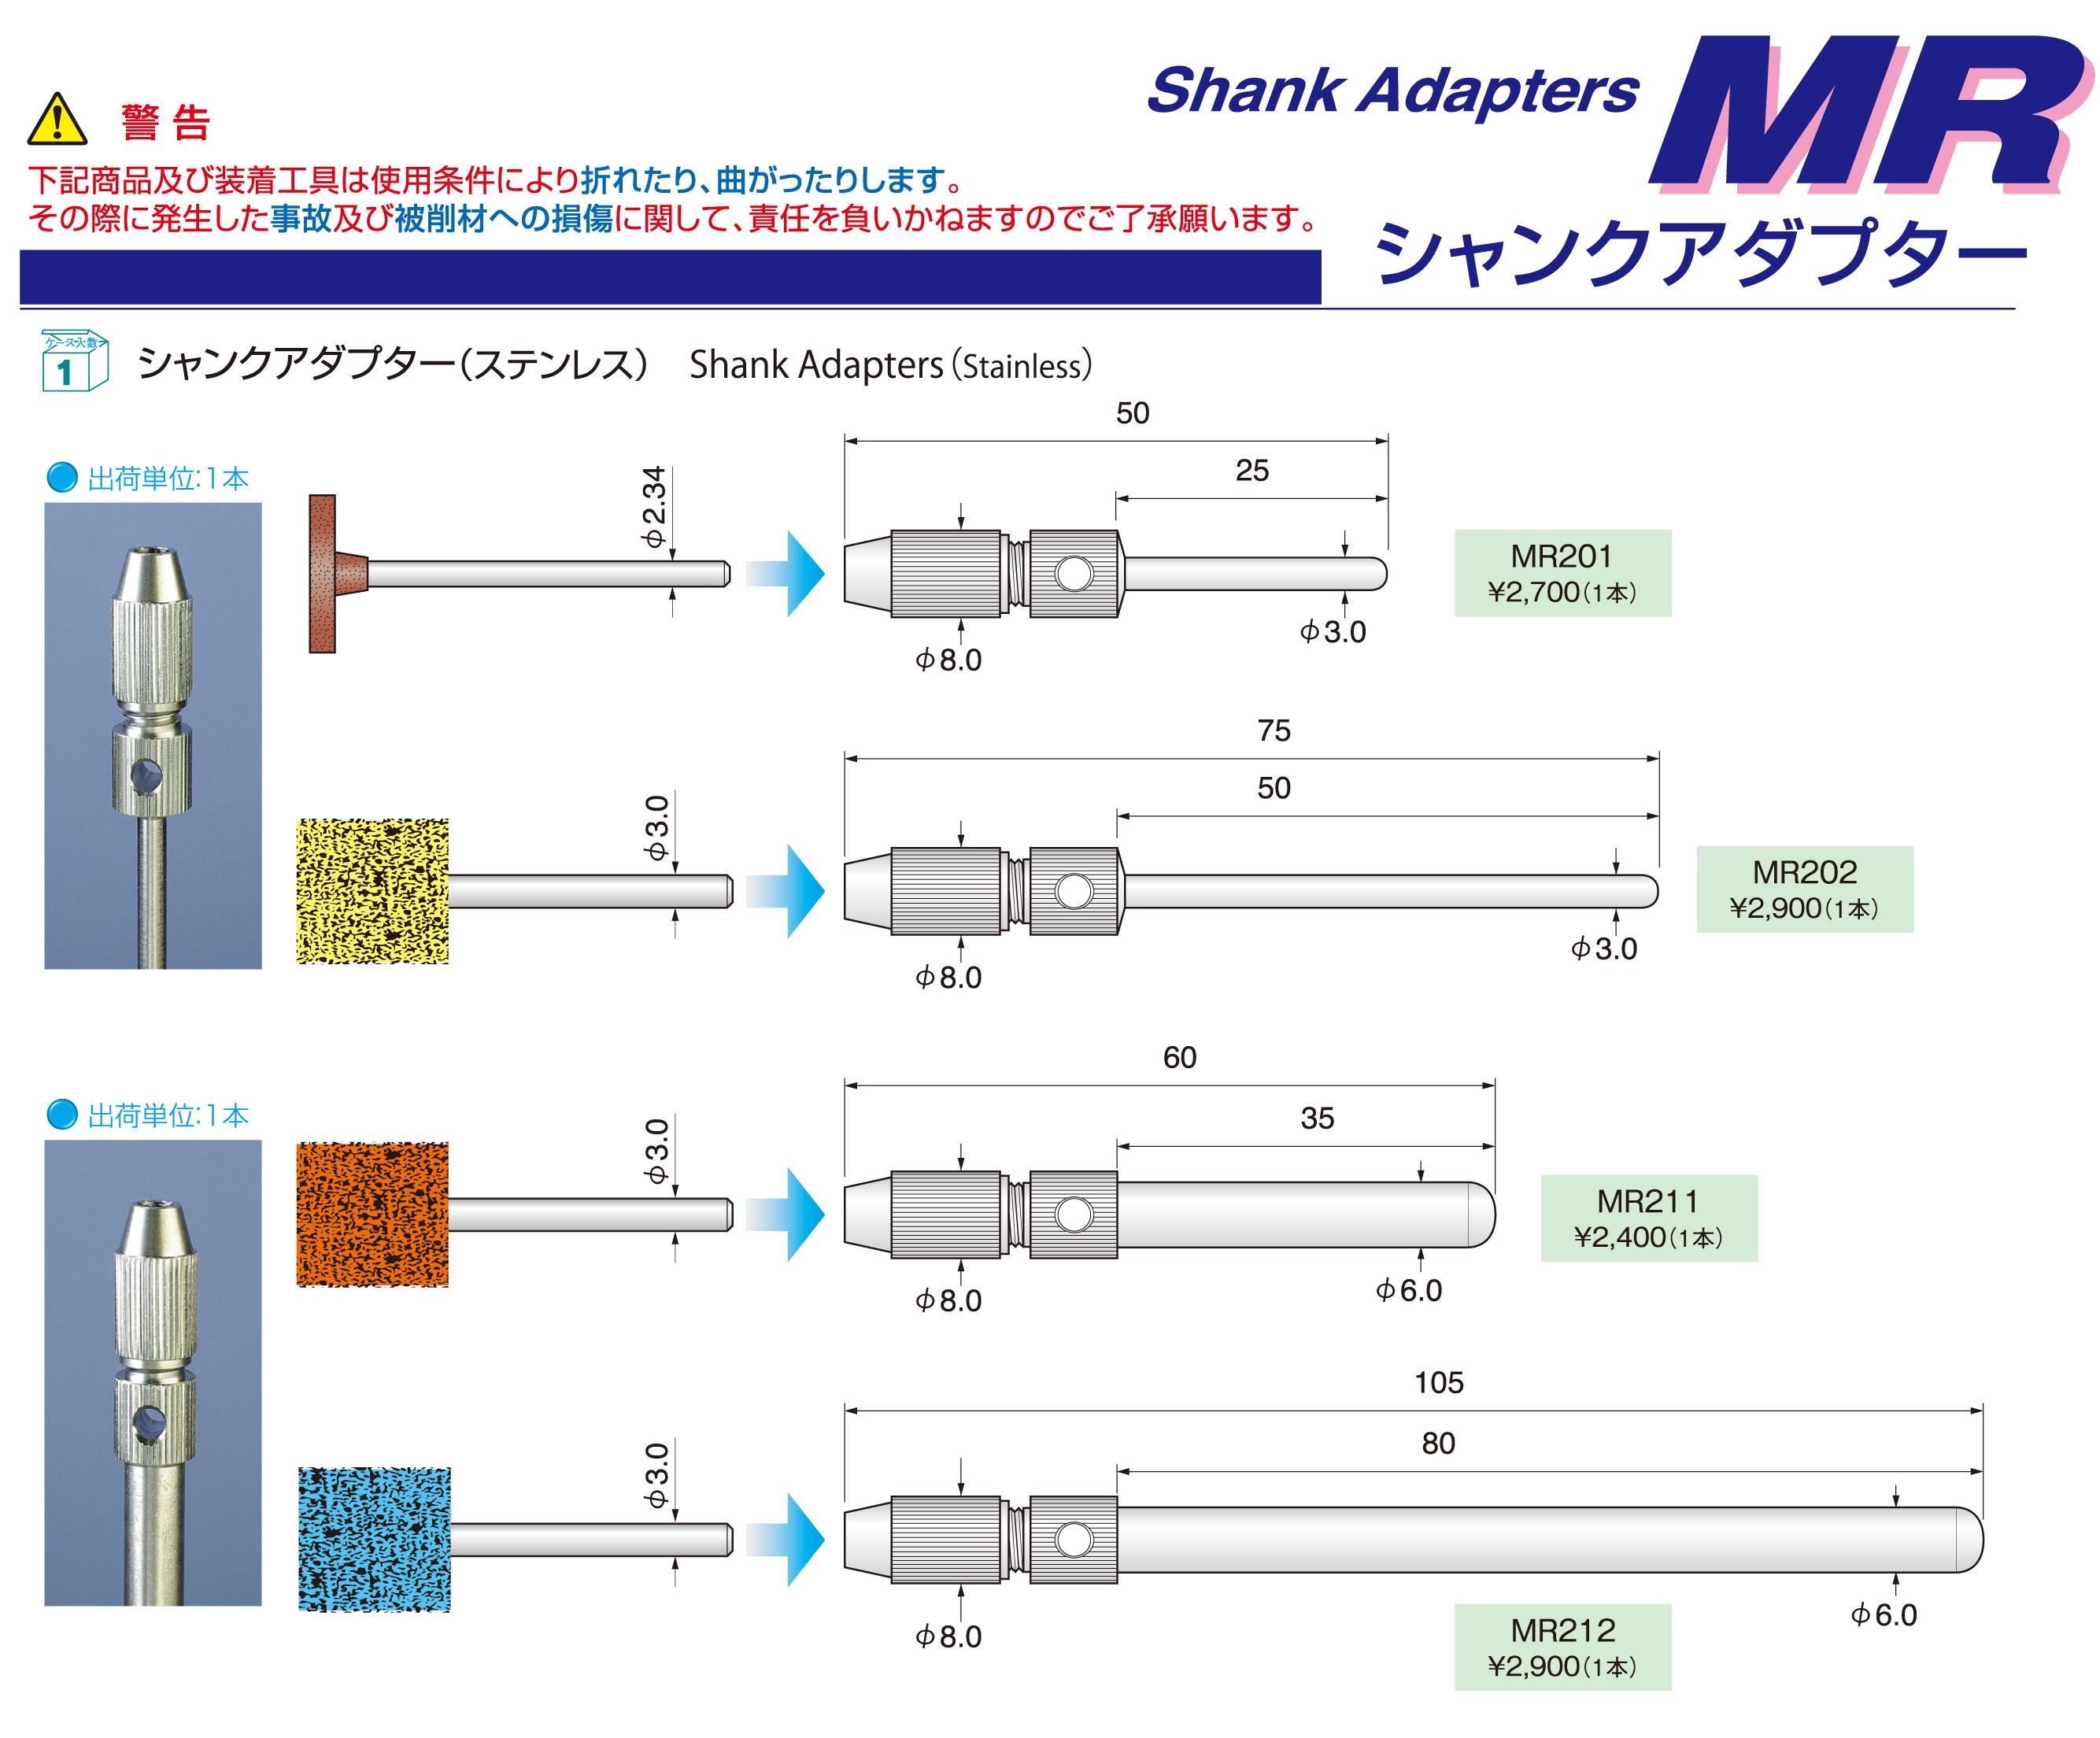 シャンクアダプターP55-P56